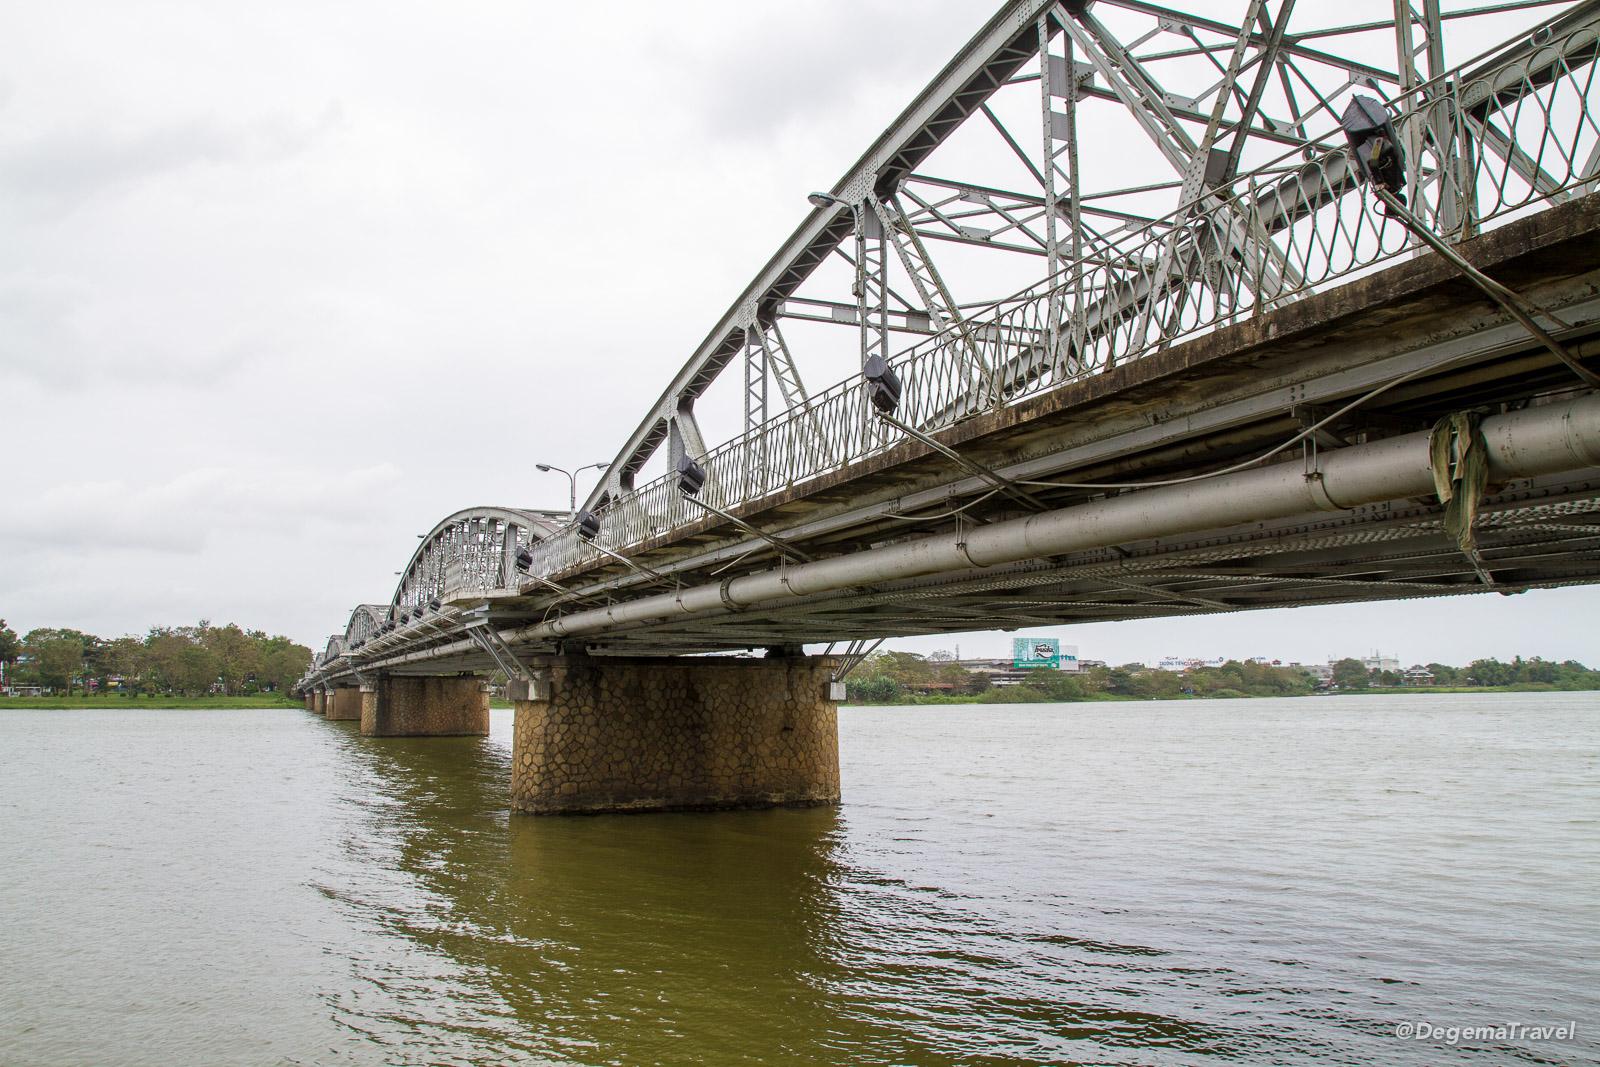 cầu Trường Tiền Bridge in Hue, Vietnam